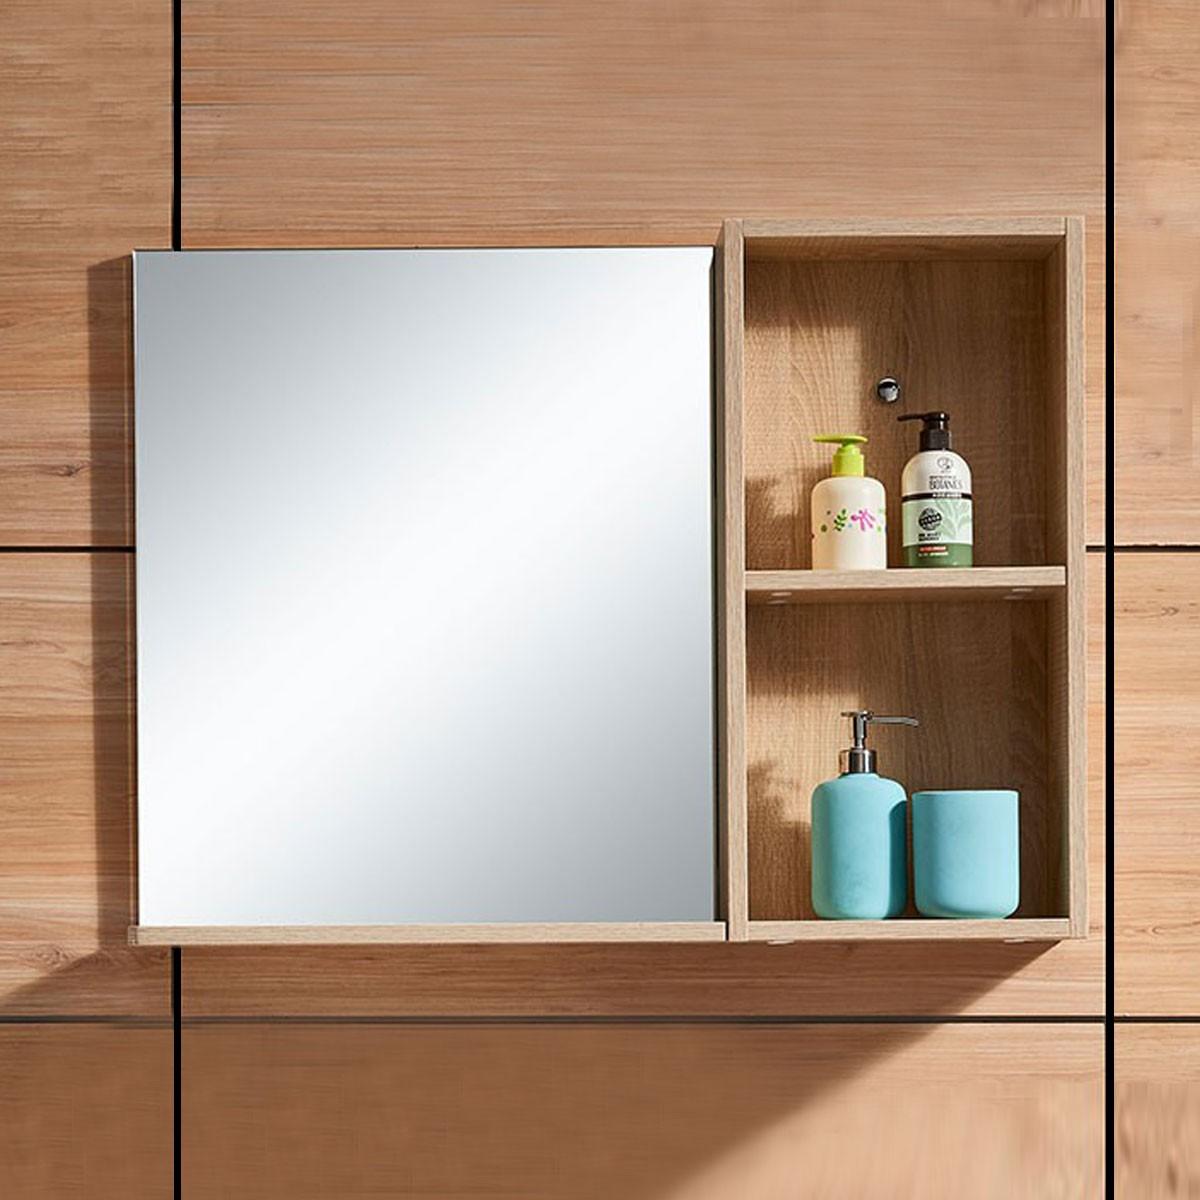 36 x 24 In. Bathroom Vanity Mirror (DK-675100-M)